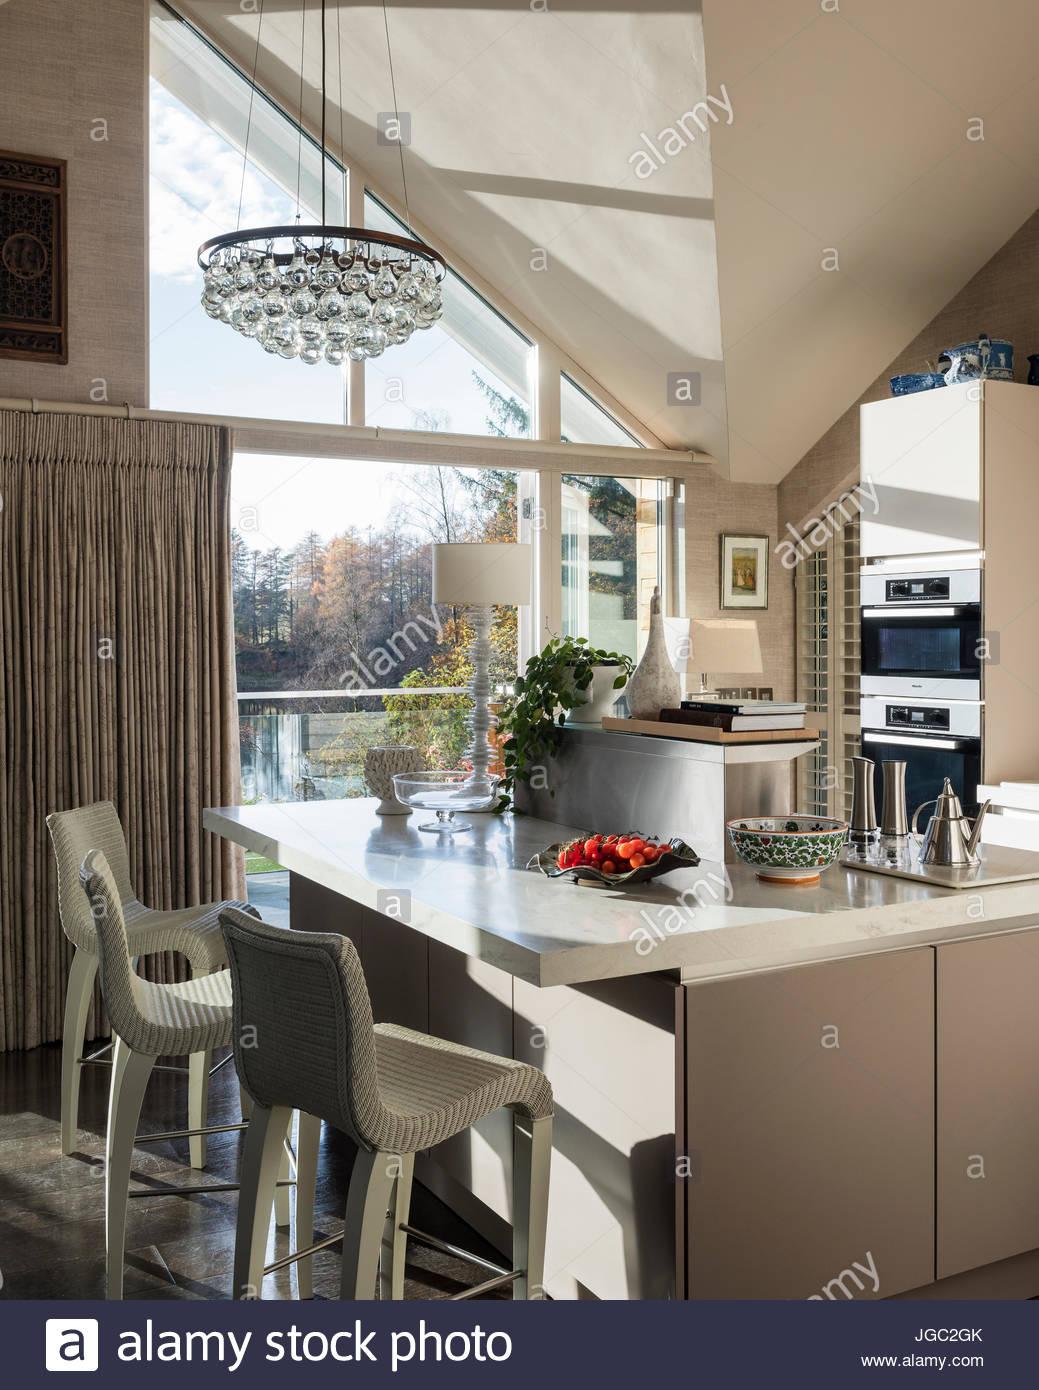 Pendente para lâmpada acima de pequeno-almoço bar em uma estrutura de cozinha com vista lago Imagens de Stock